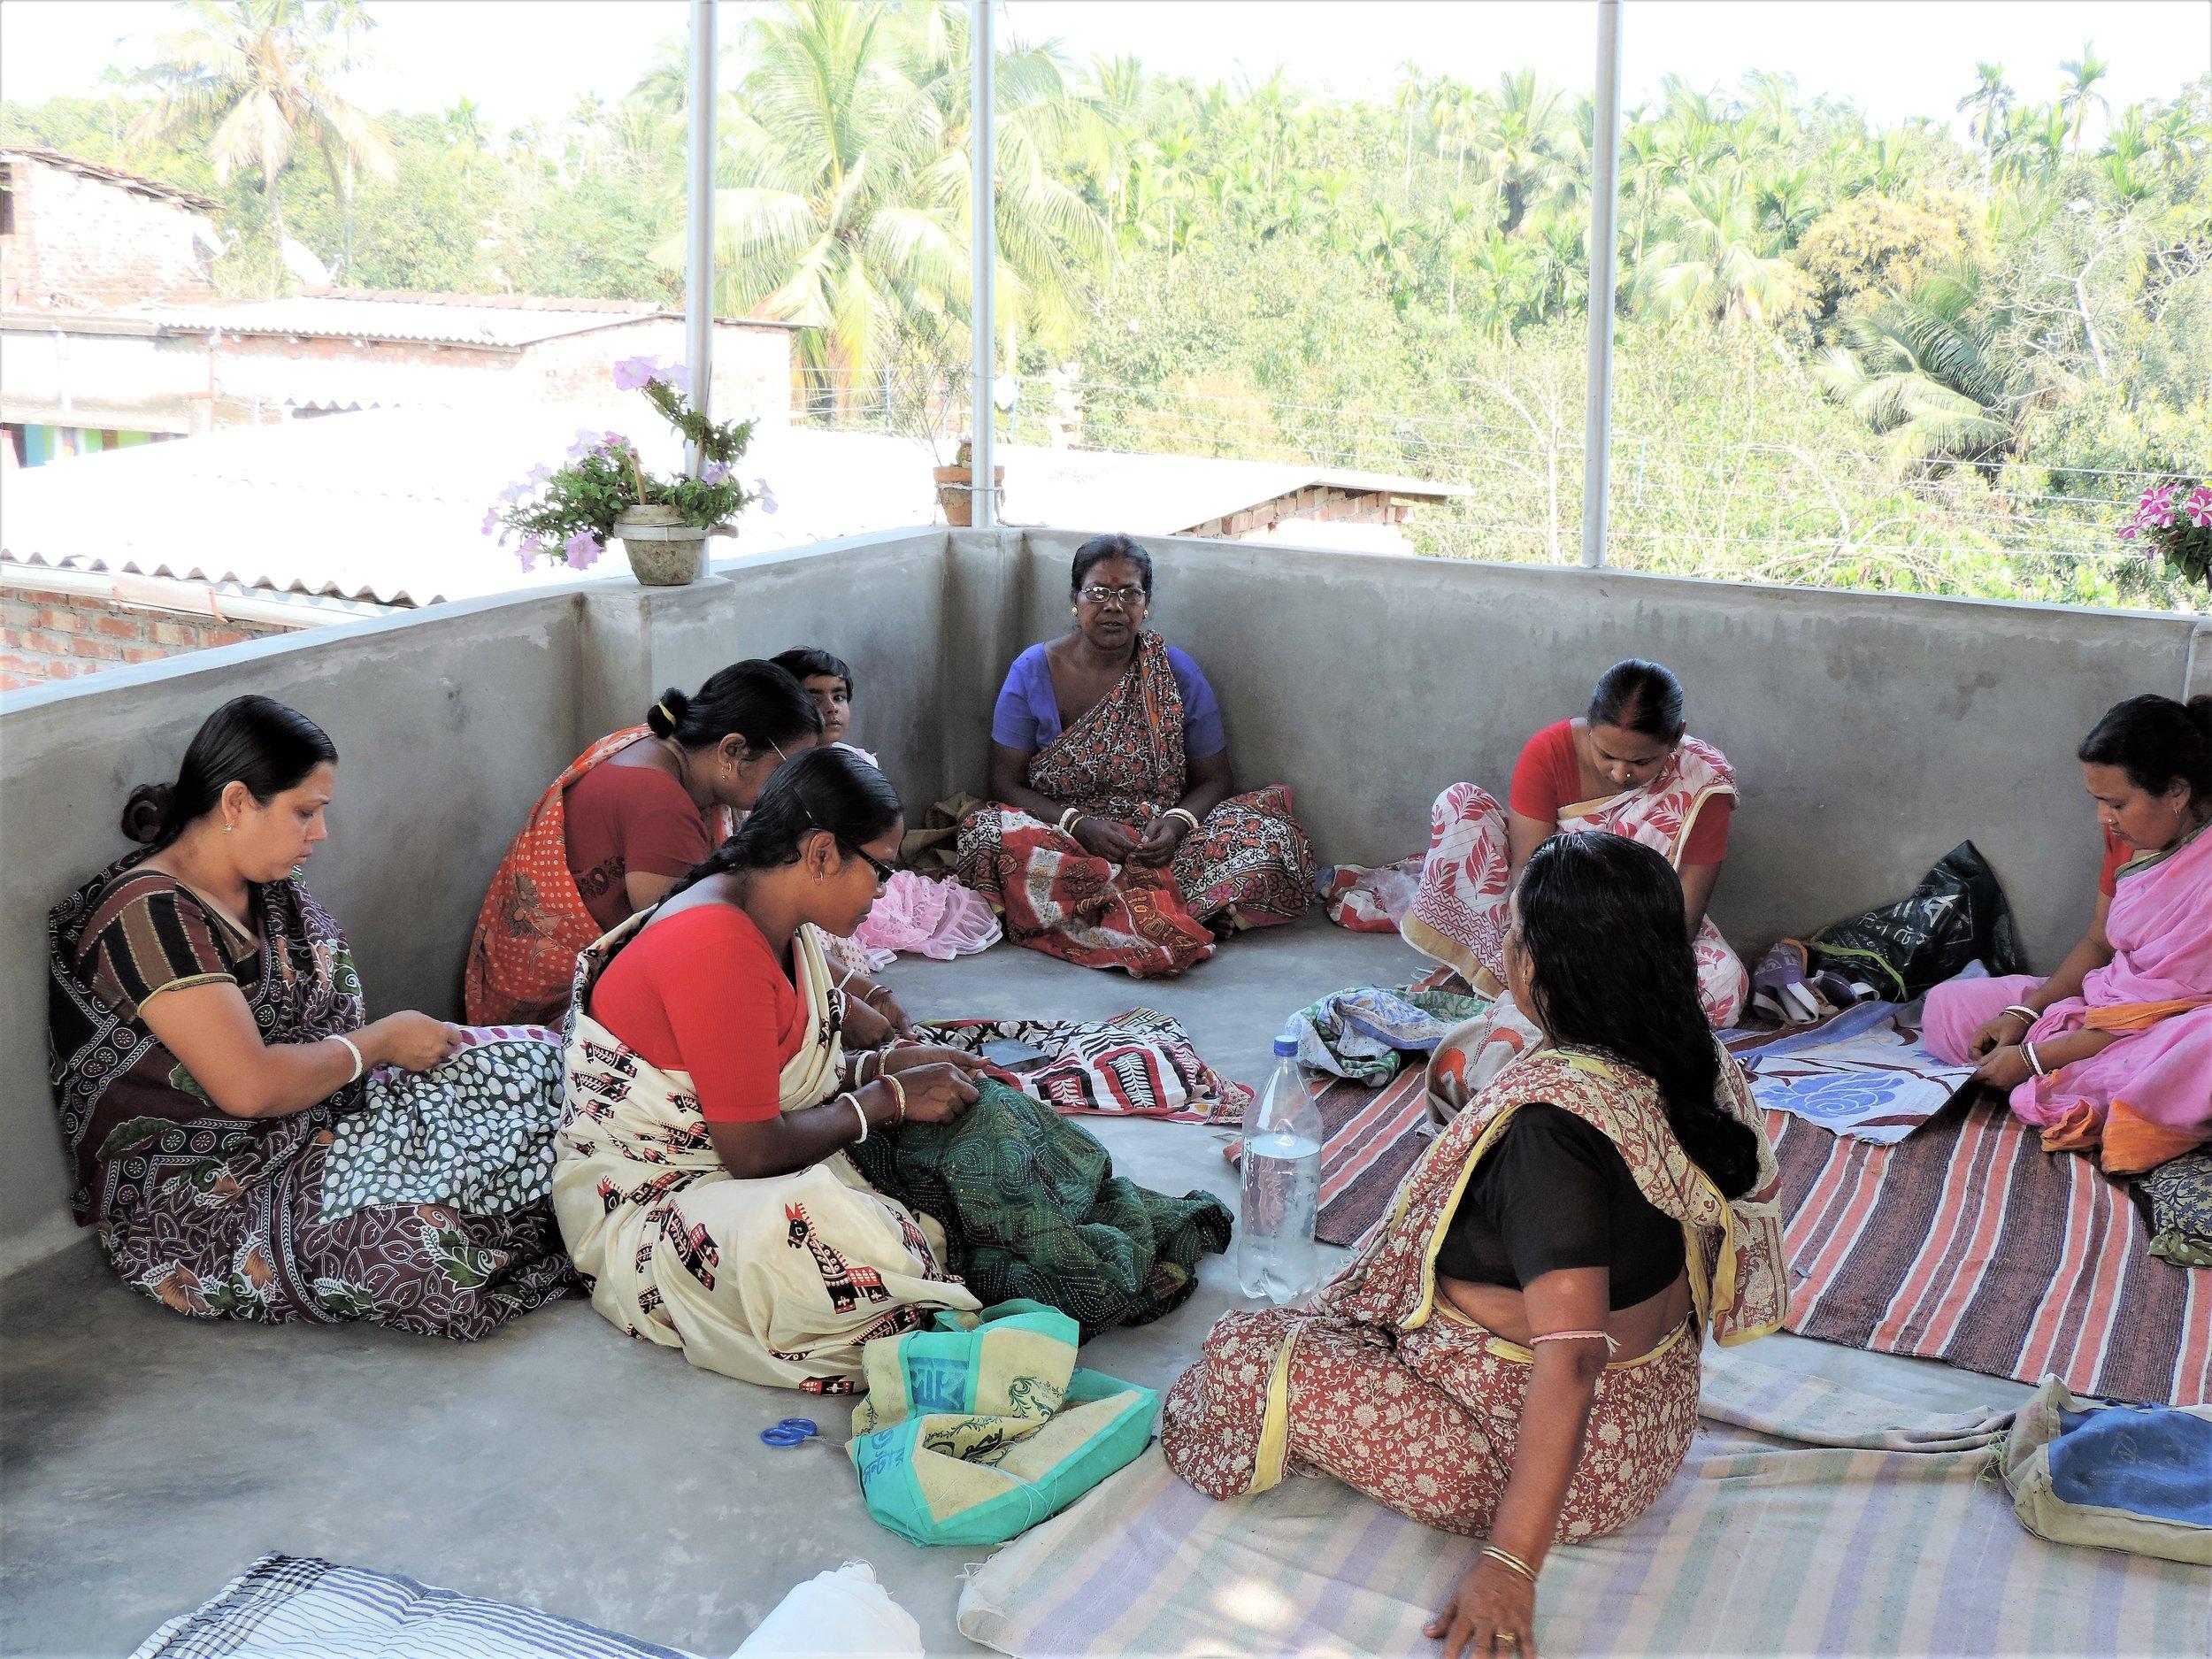 Kantha Artisans at work